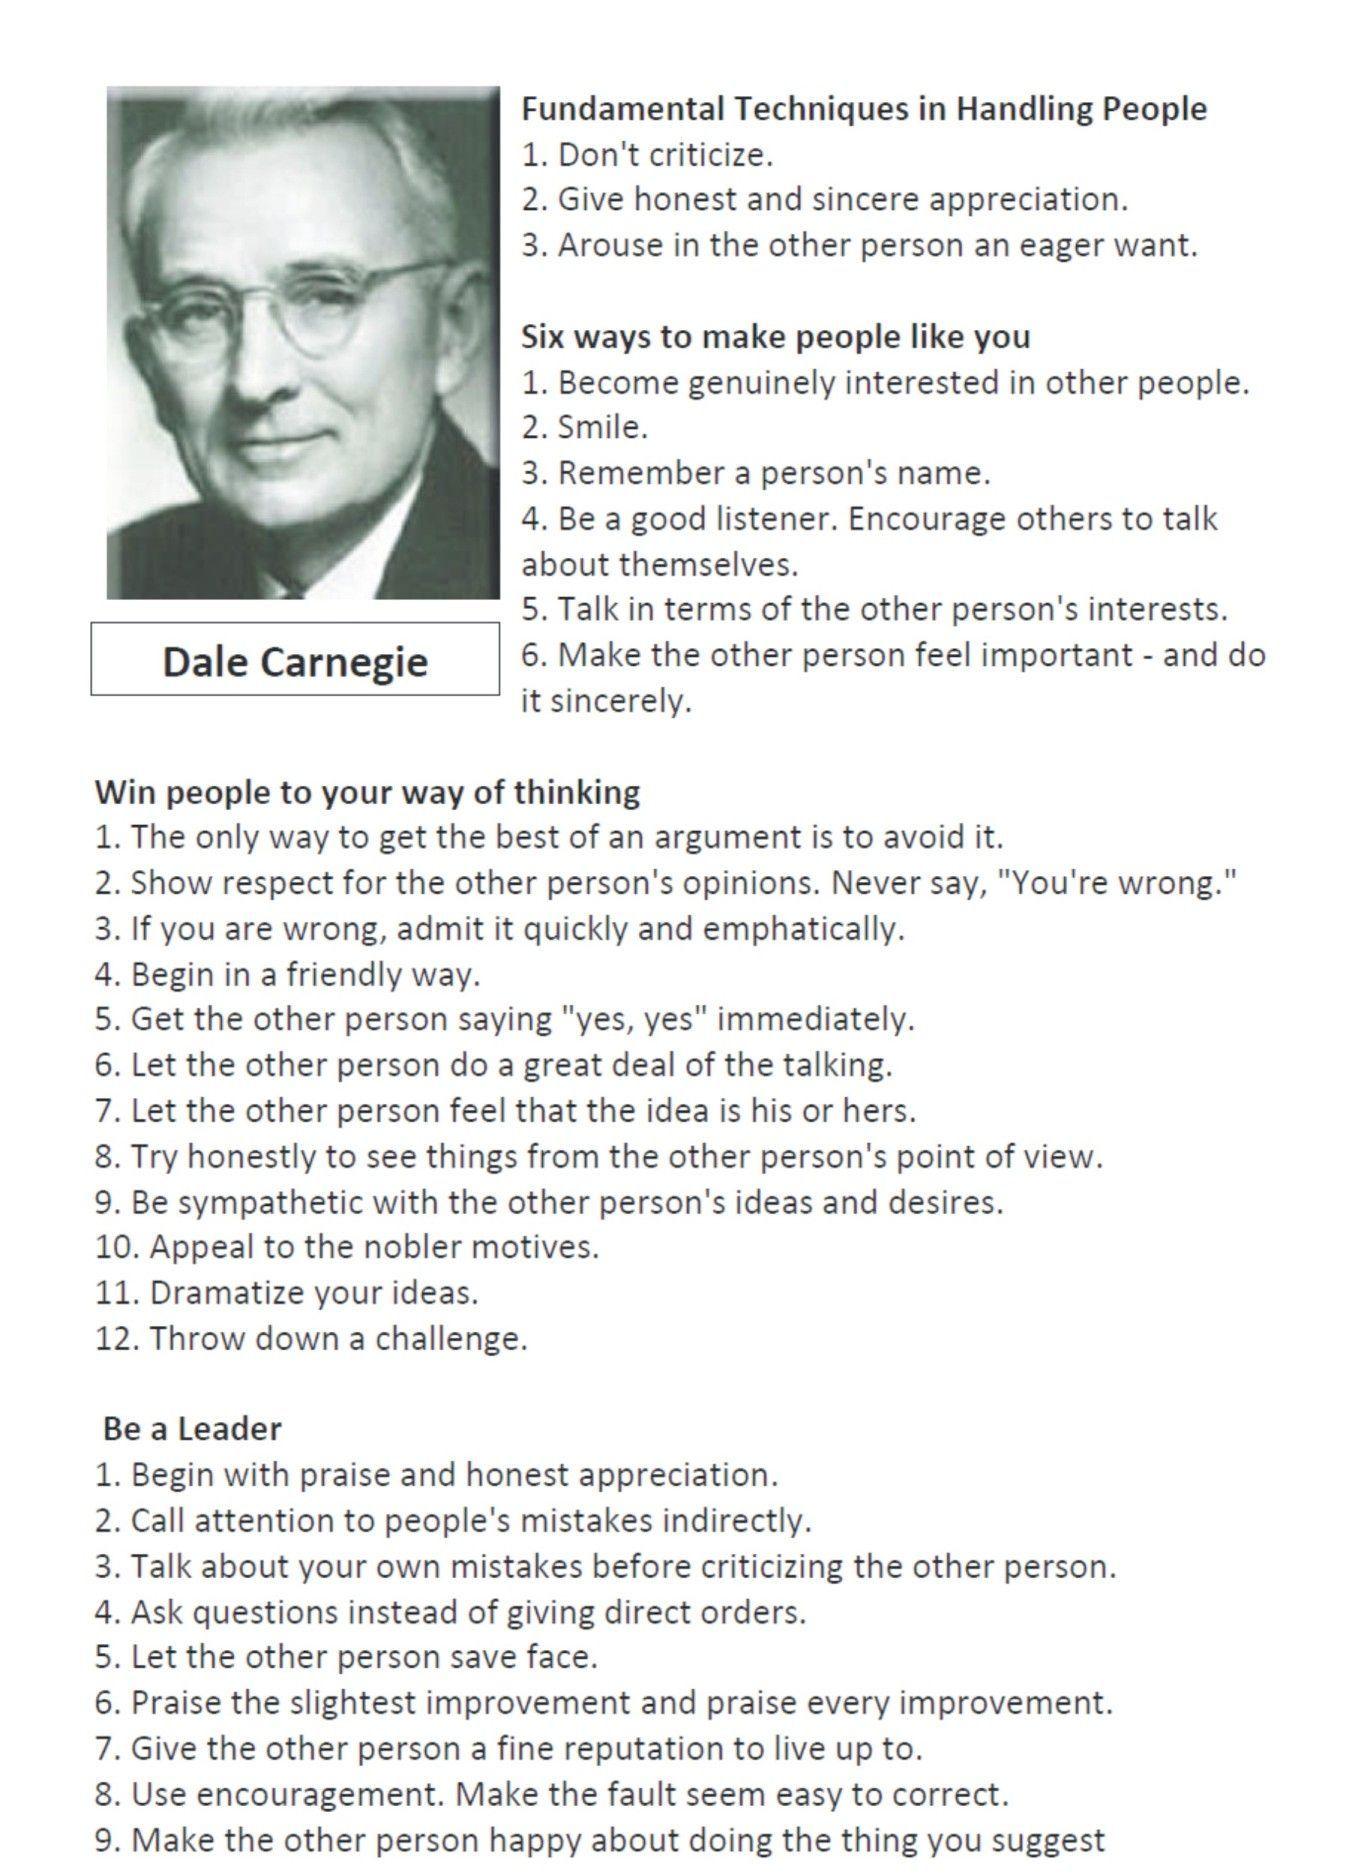 {{Dale CarnegieDale Carnegie AudiobookDale Carnegie